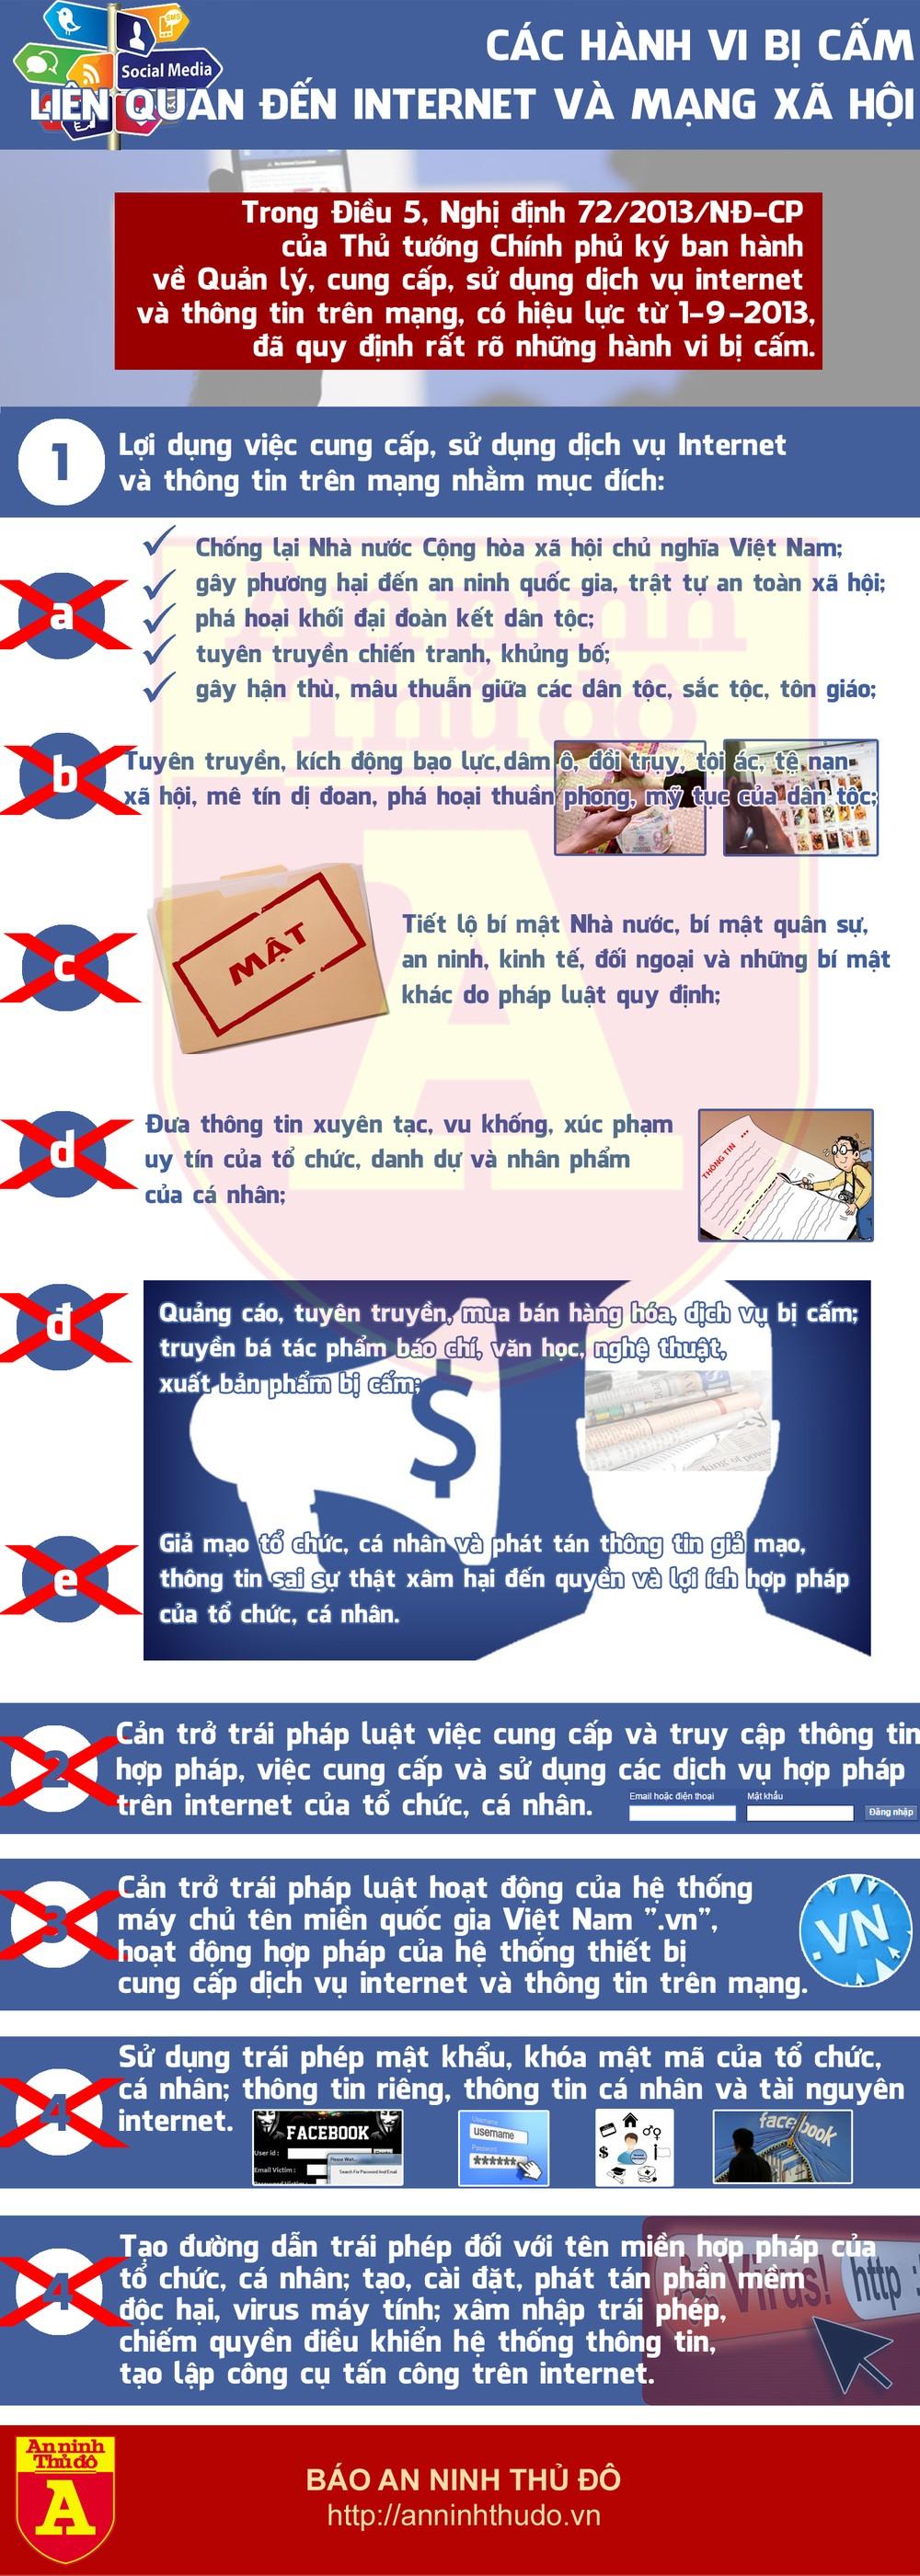 Infographic: Các hành vi bị cấm liên quan đến Internet và mạng xã hội ảnh 1